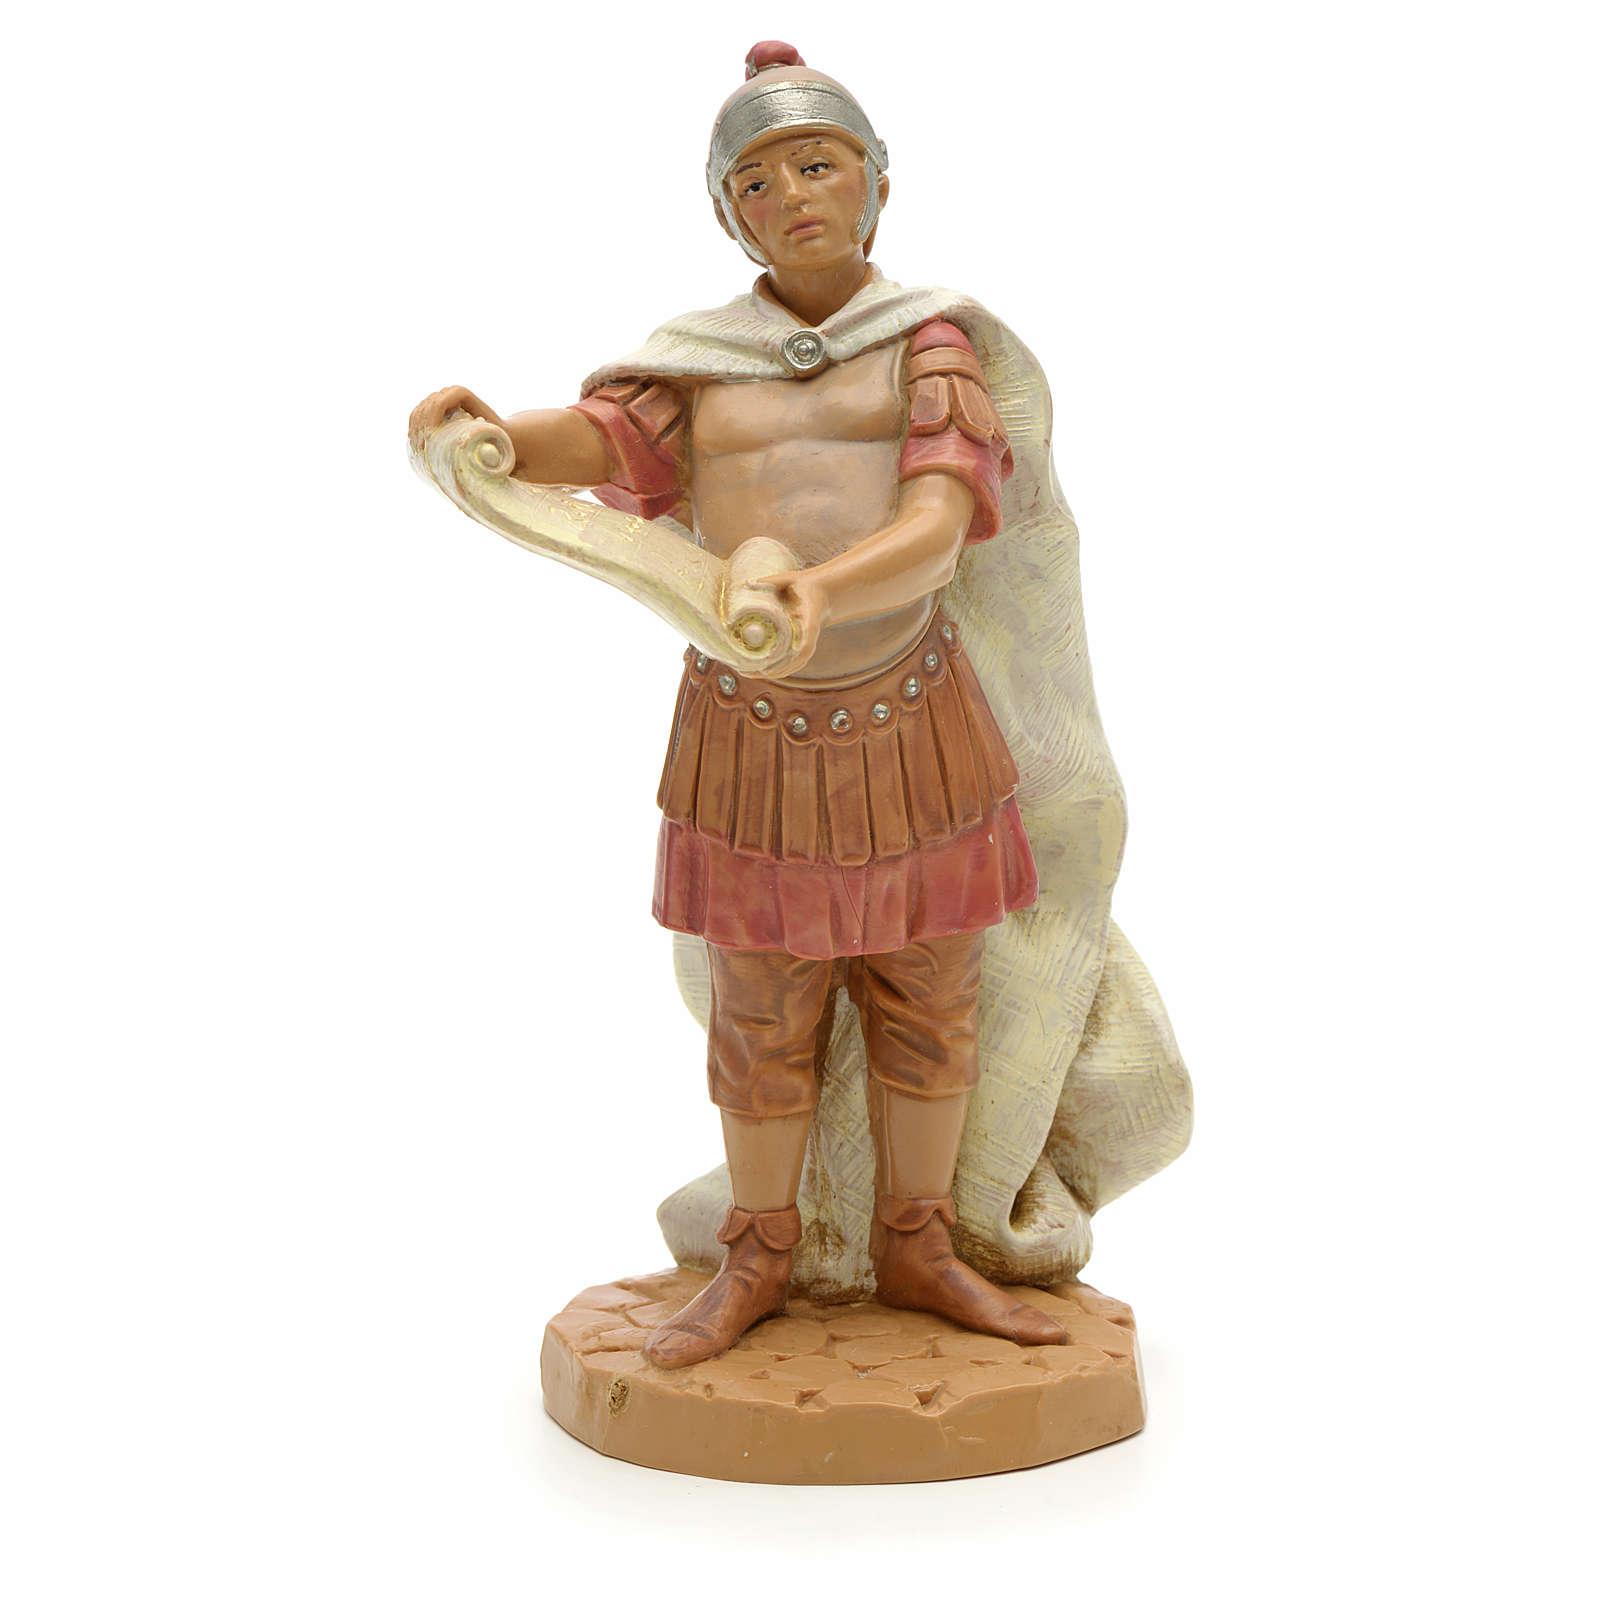 Soldato romano con pergamena 12 cm Fontanini 3